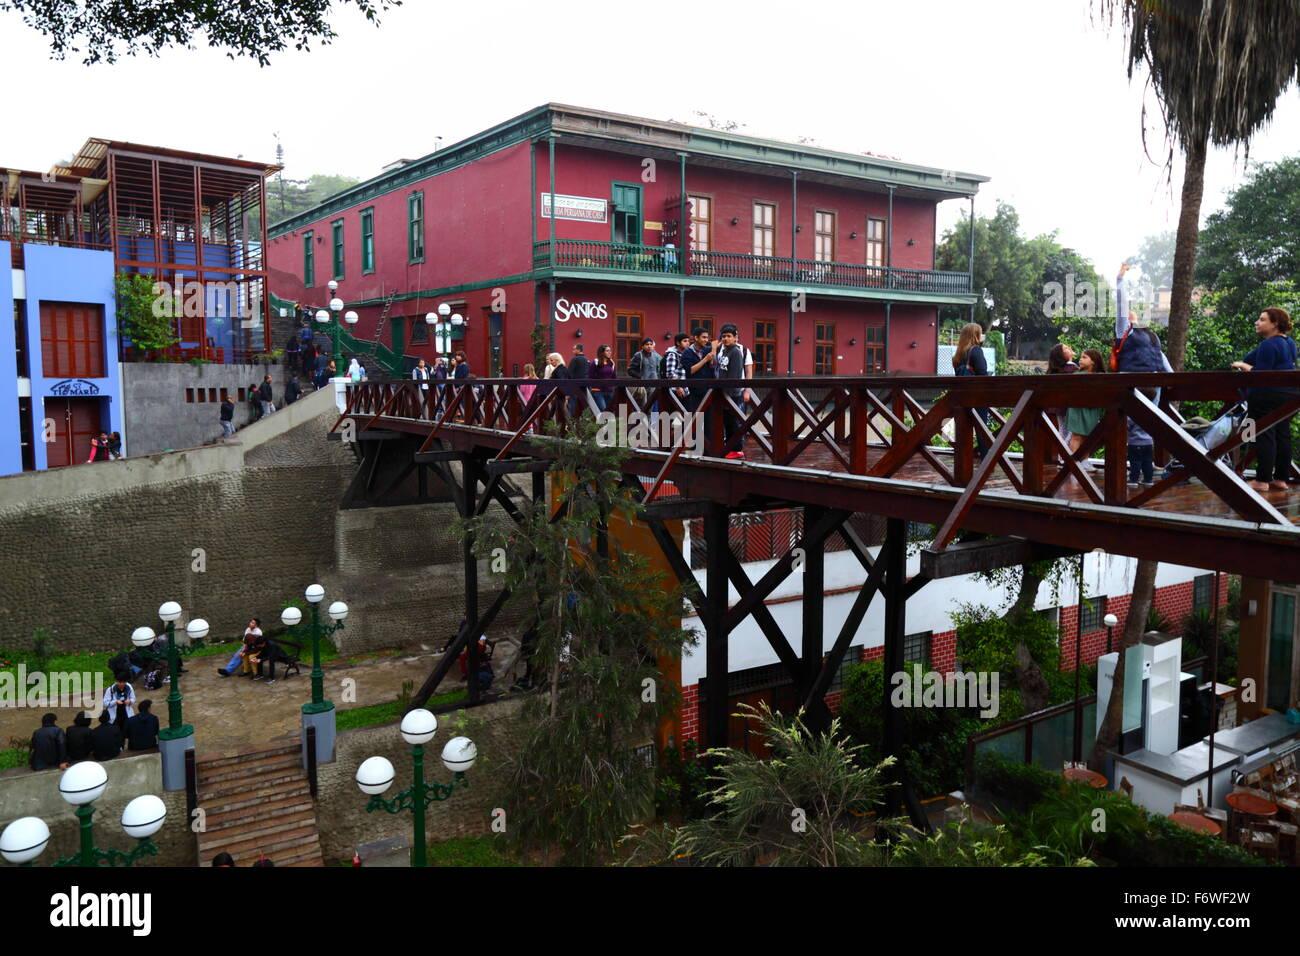 Bridge of Sighs / Puente de los Suspiros and colonial building in Barranco district, Lima, Peru Stock Photo